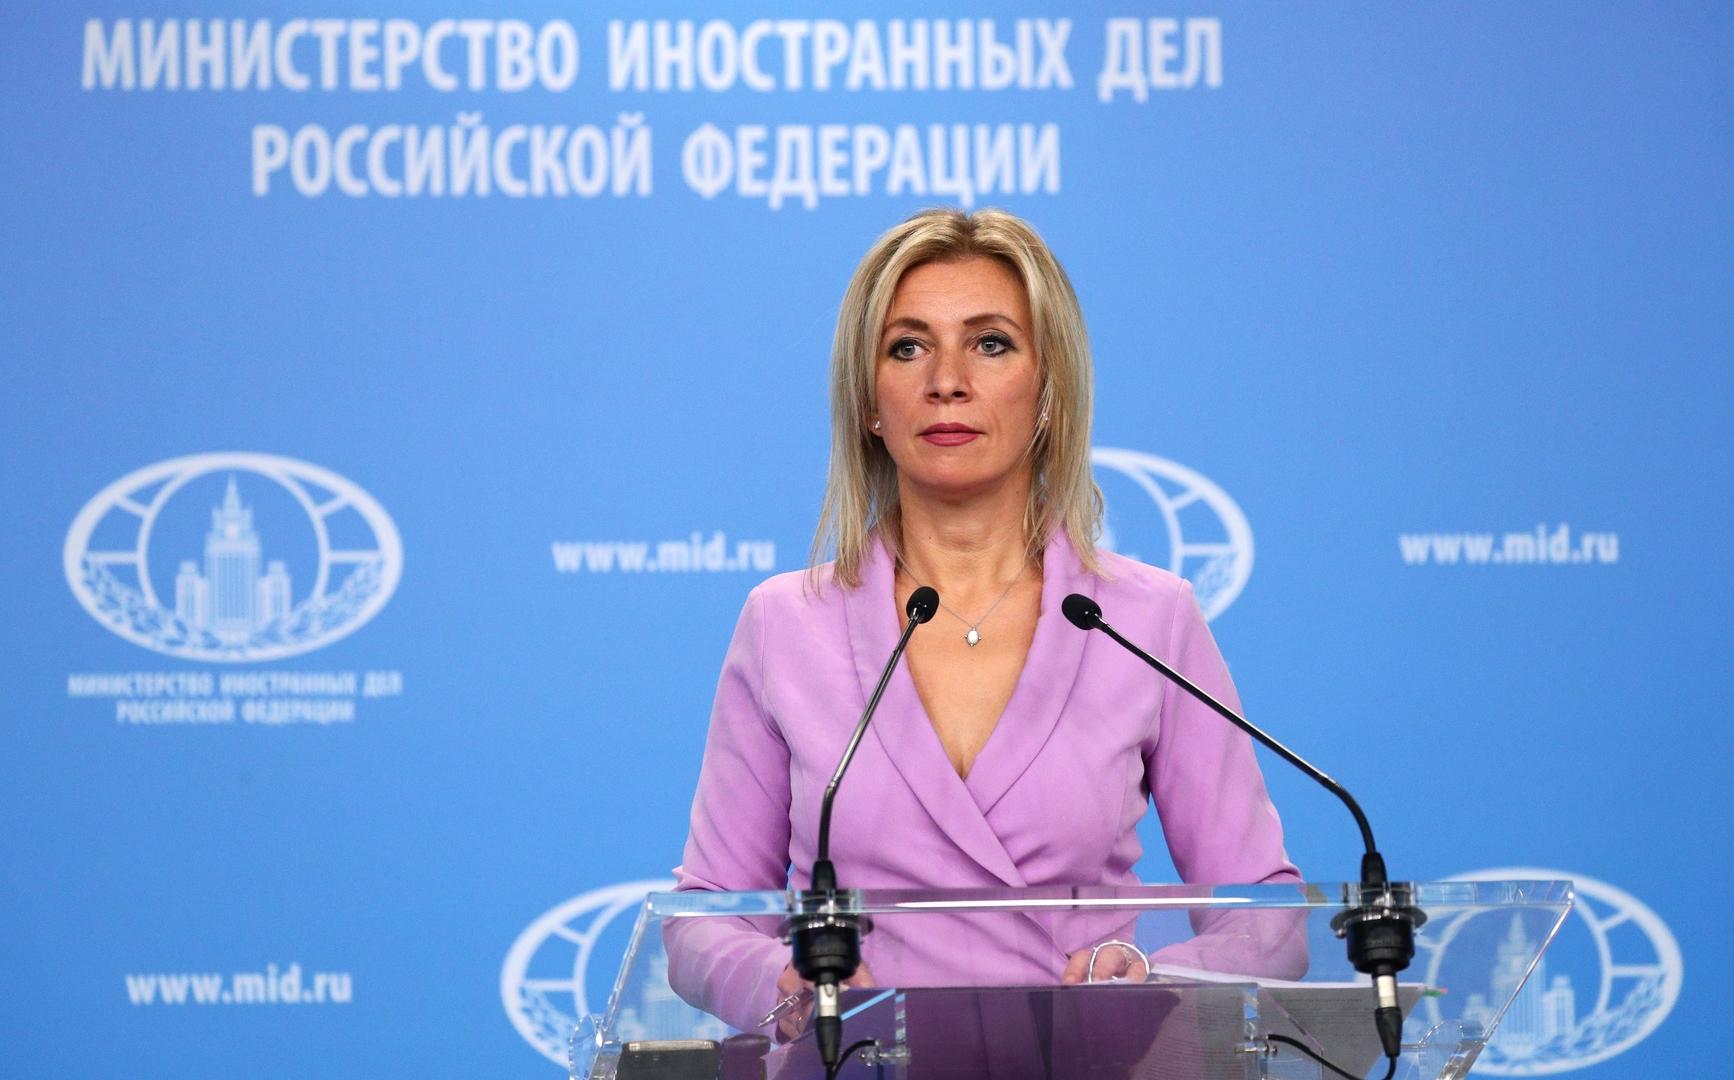 موسكو: سلطات كوسوفو غير قادرة على ضمان حقوق وسائل الإعلام